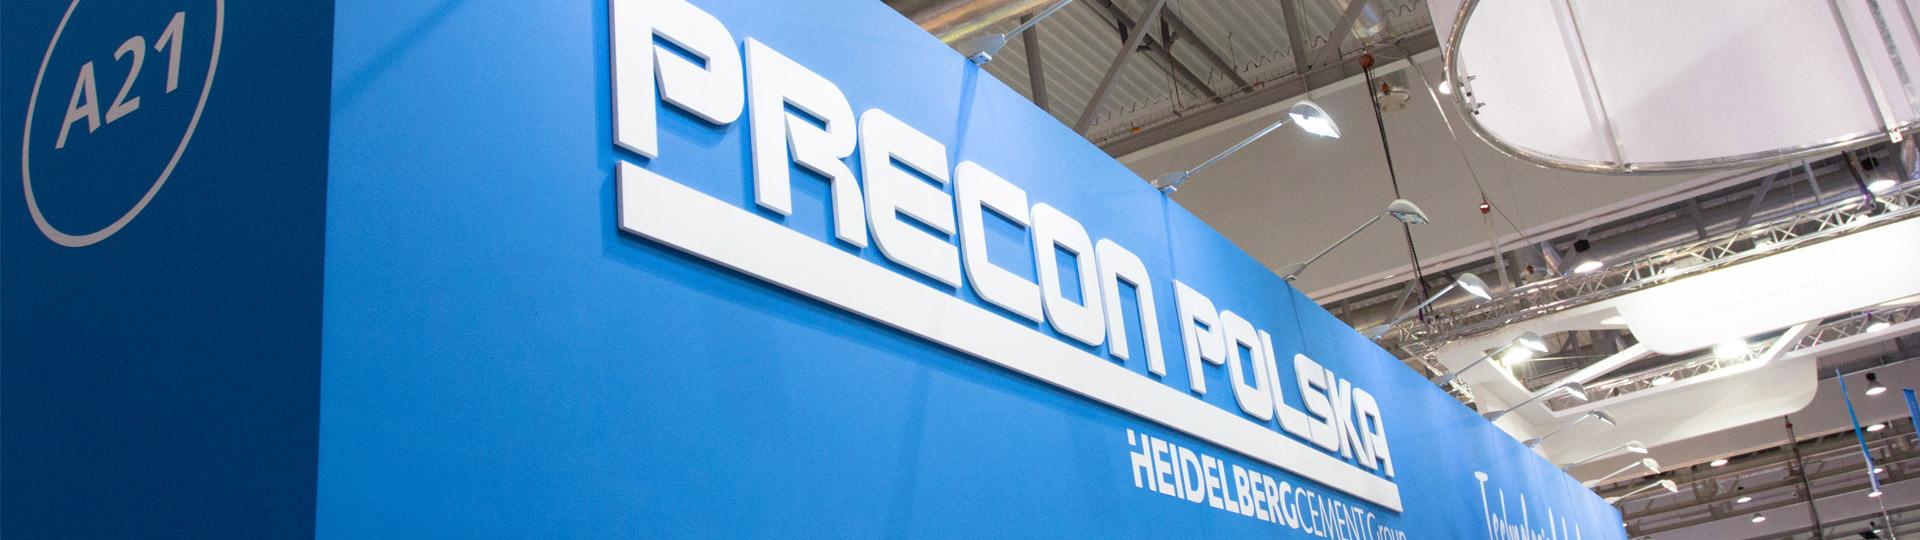 Aktualności Precon Polska